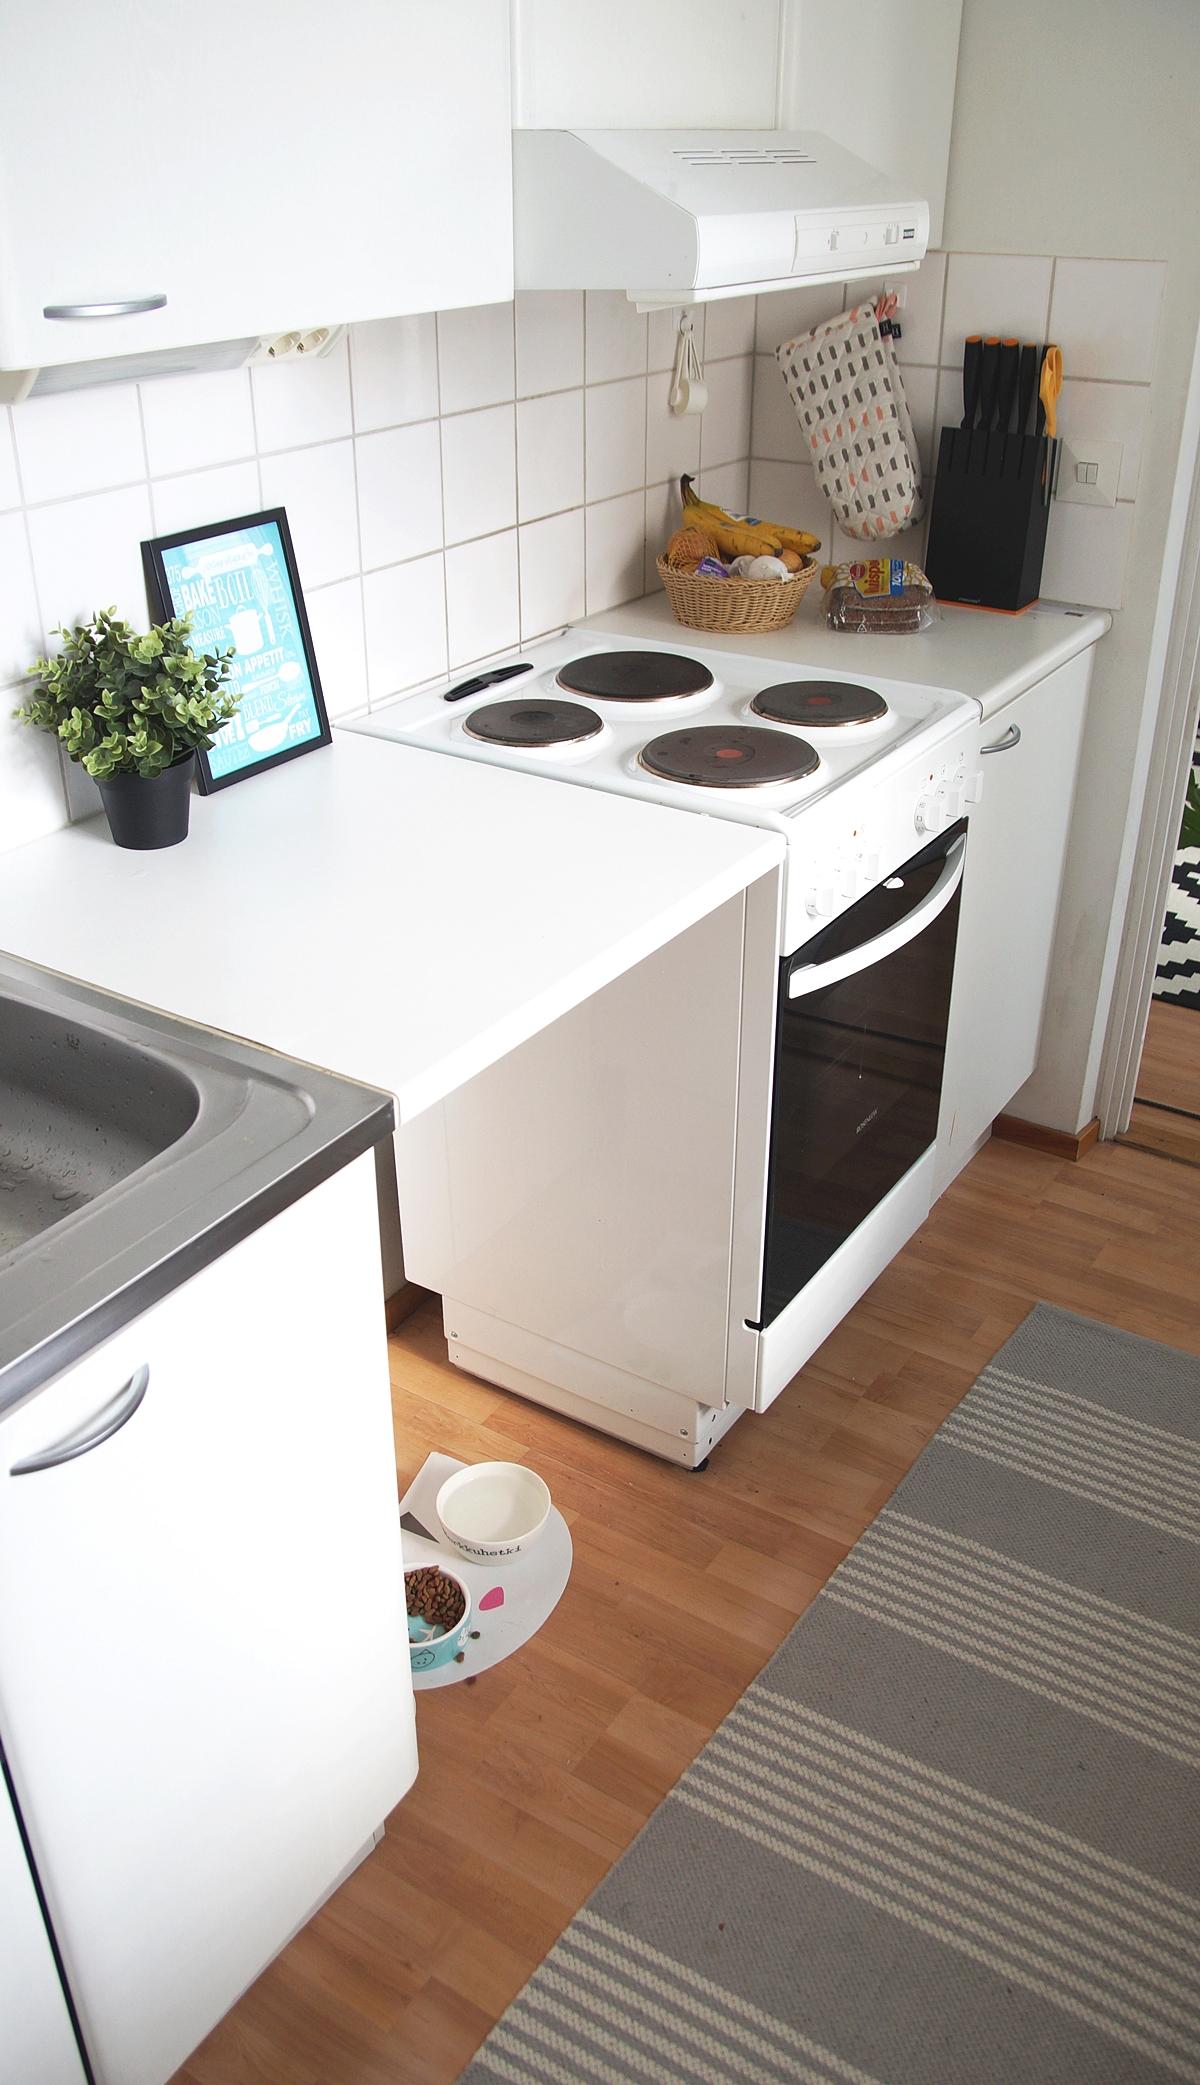 keittiö_inkap